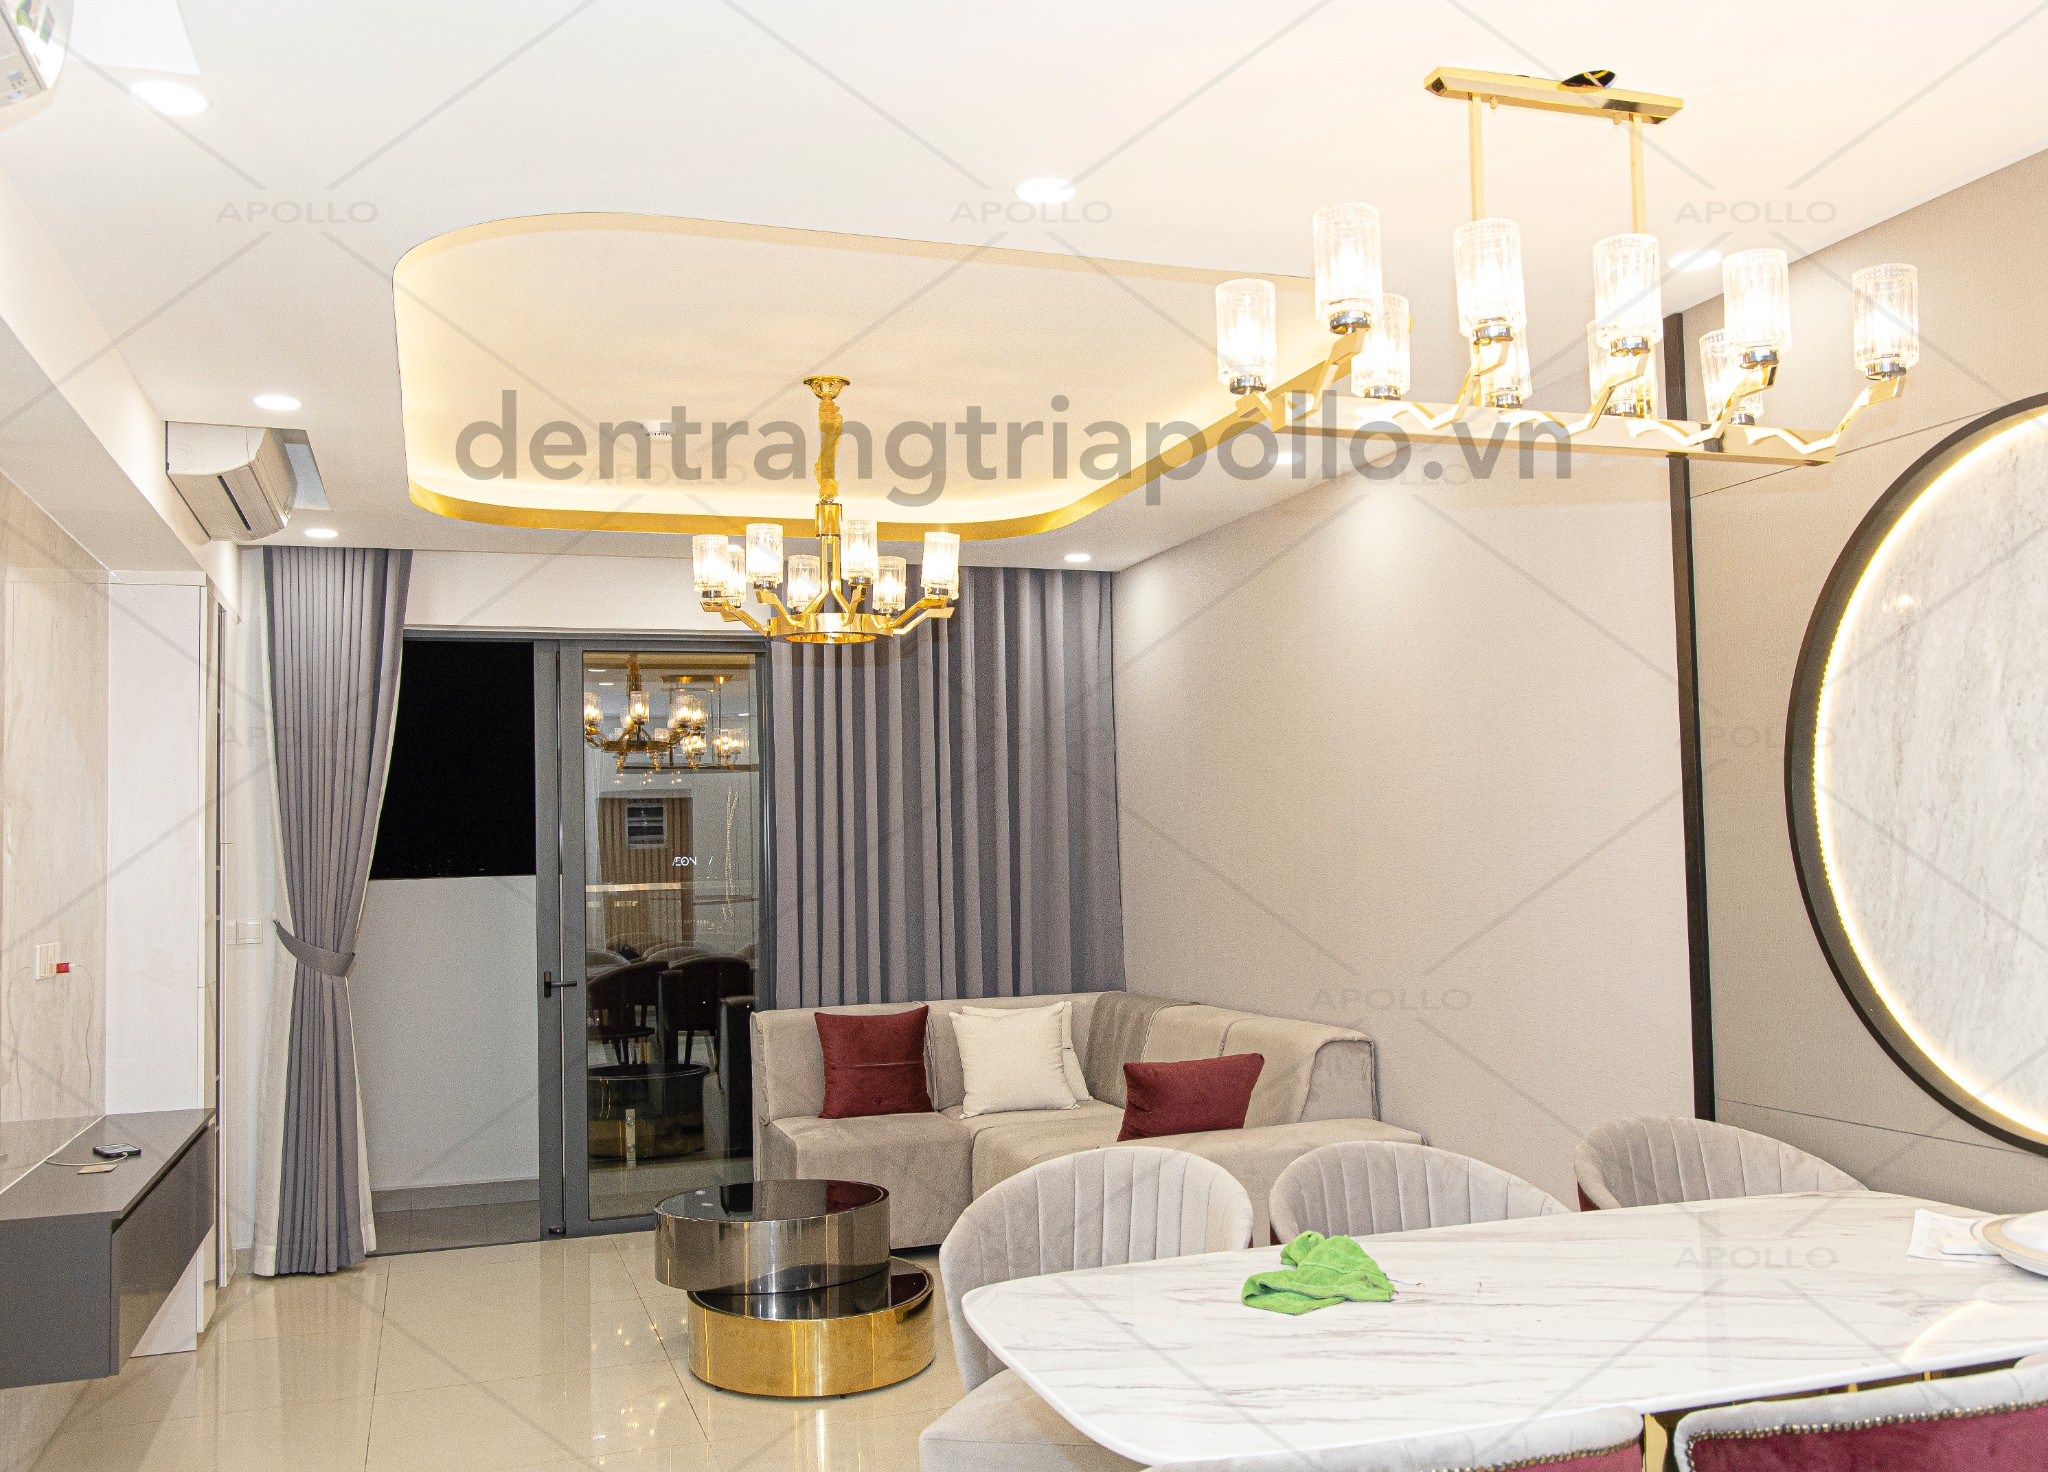 đèn chùm pha lê hiện đại trang trí phòng khách căn hộ chung cư